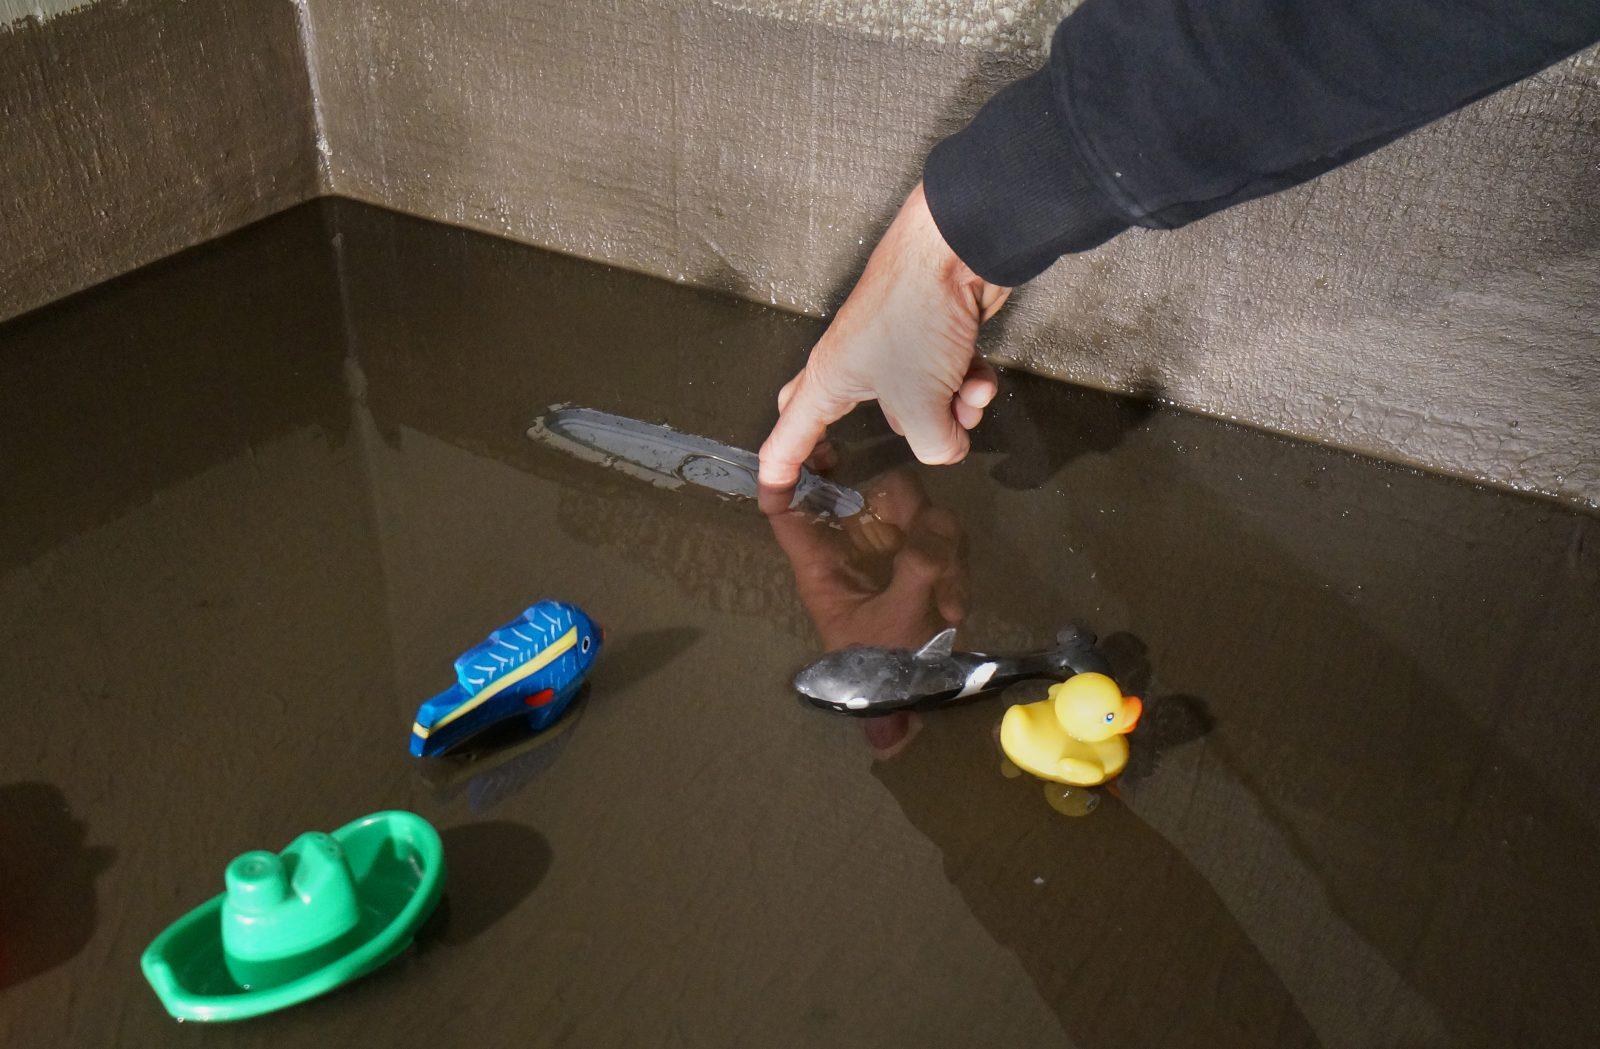 Det er lurt å ta en vanntest av gulvet for å sjekke at membran og slukovergang  er tett.